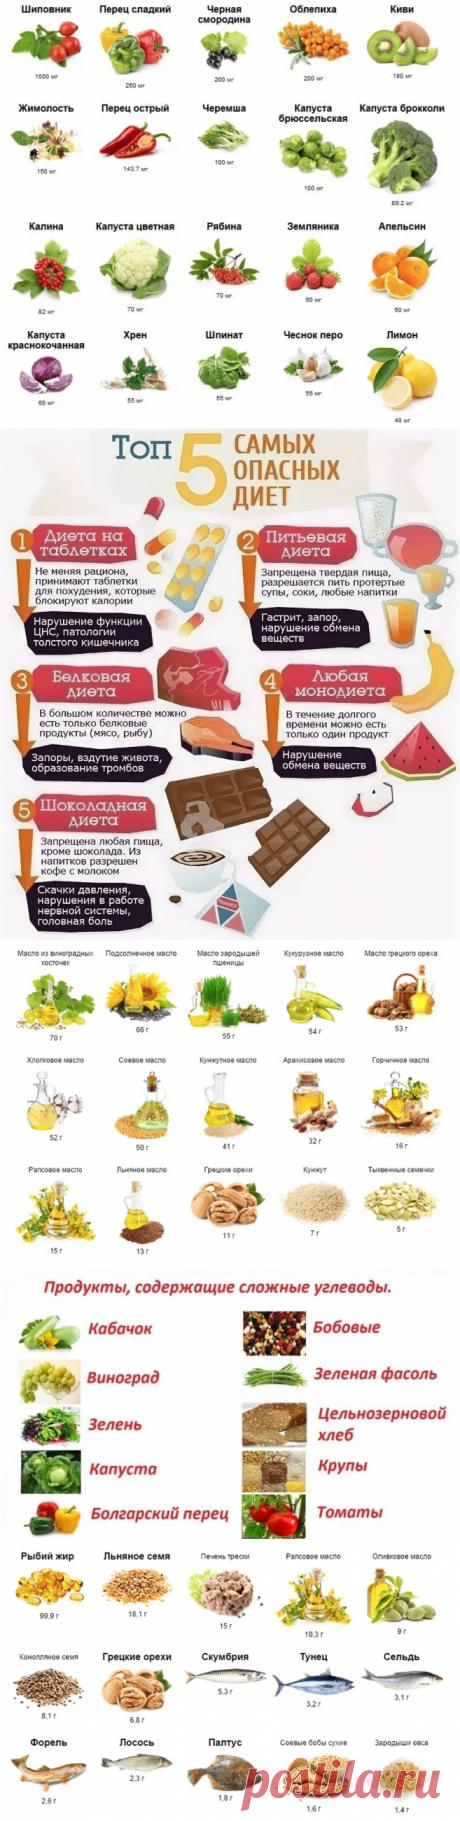 Внутренний жир: 10 способов избавления от него! | Всегда в форме!